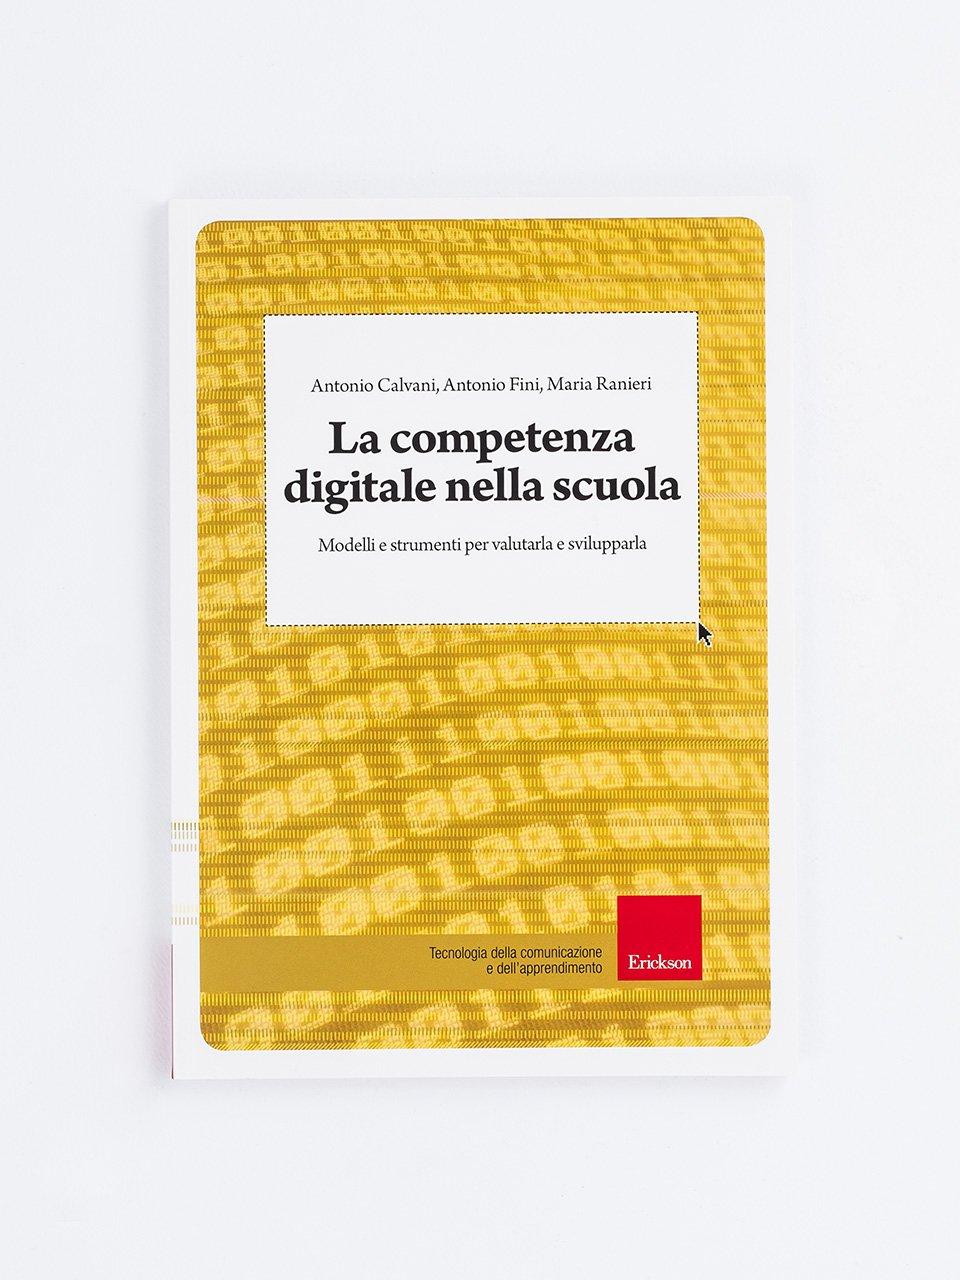 La competenza digitale nella scuola - Libri - Erickson